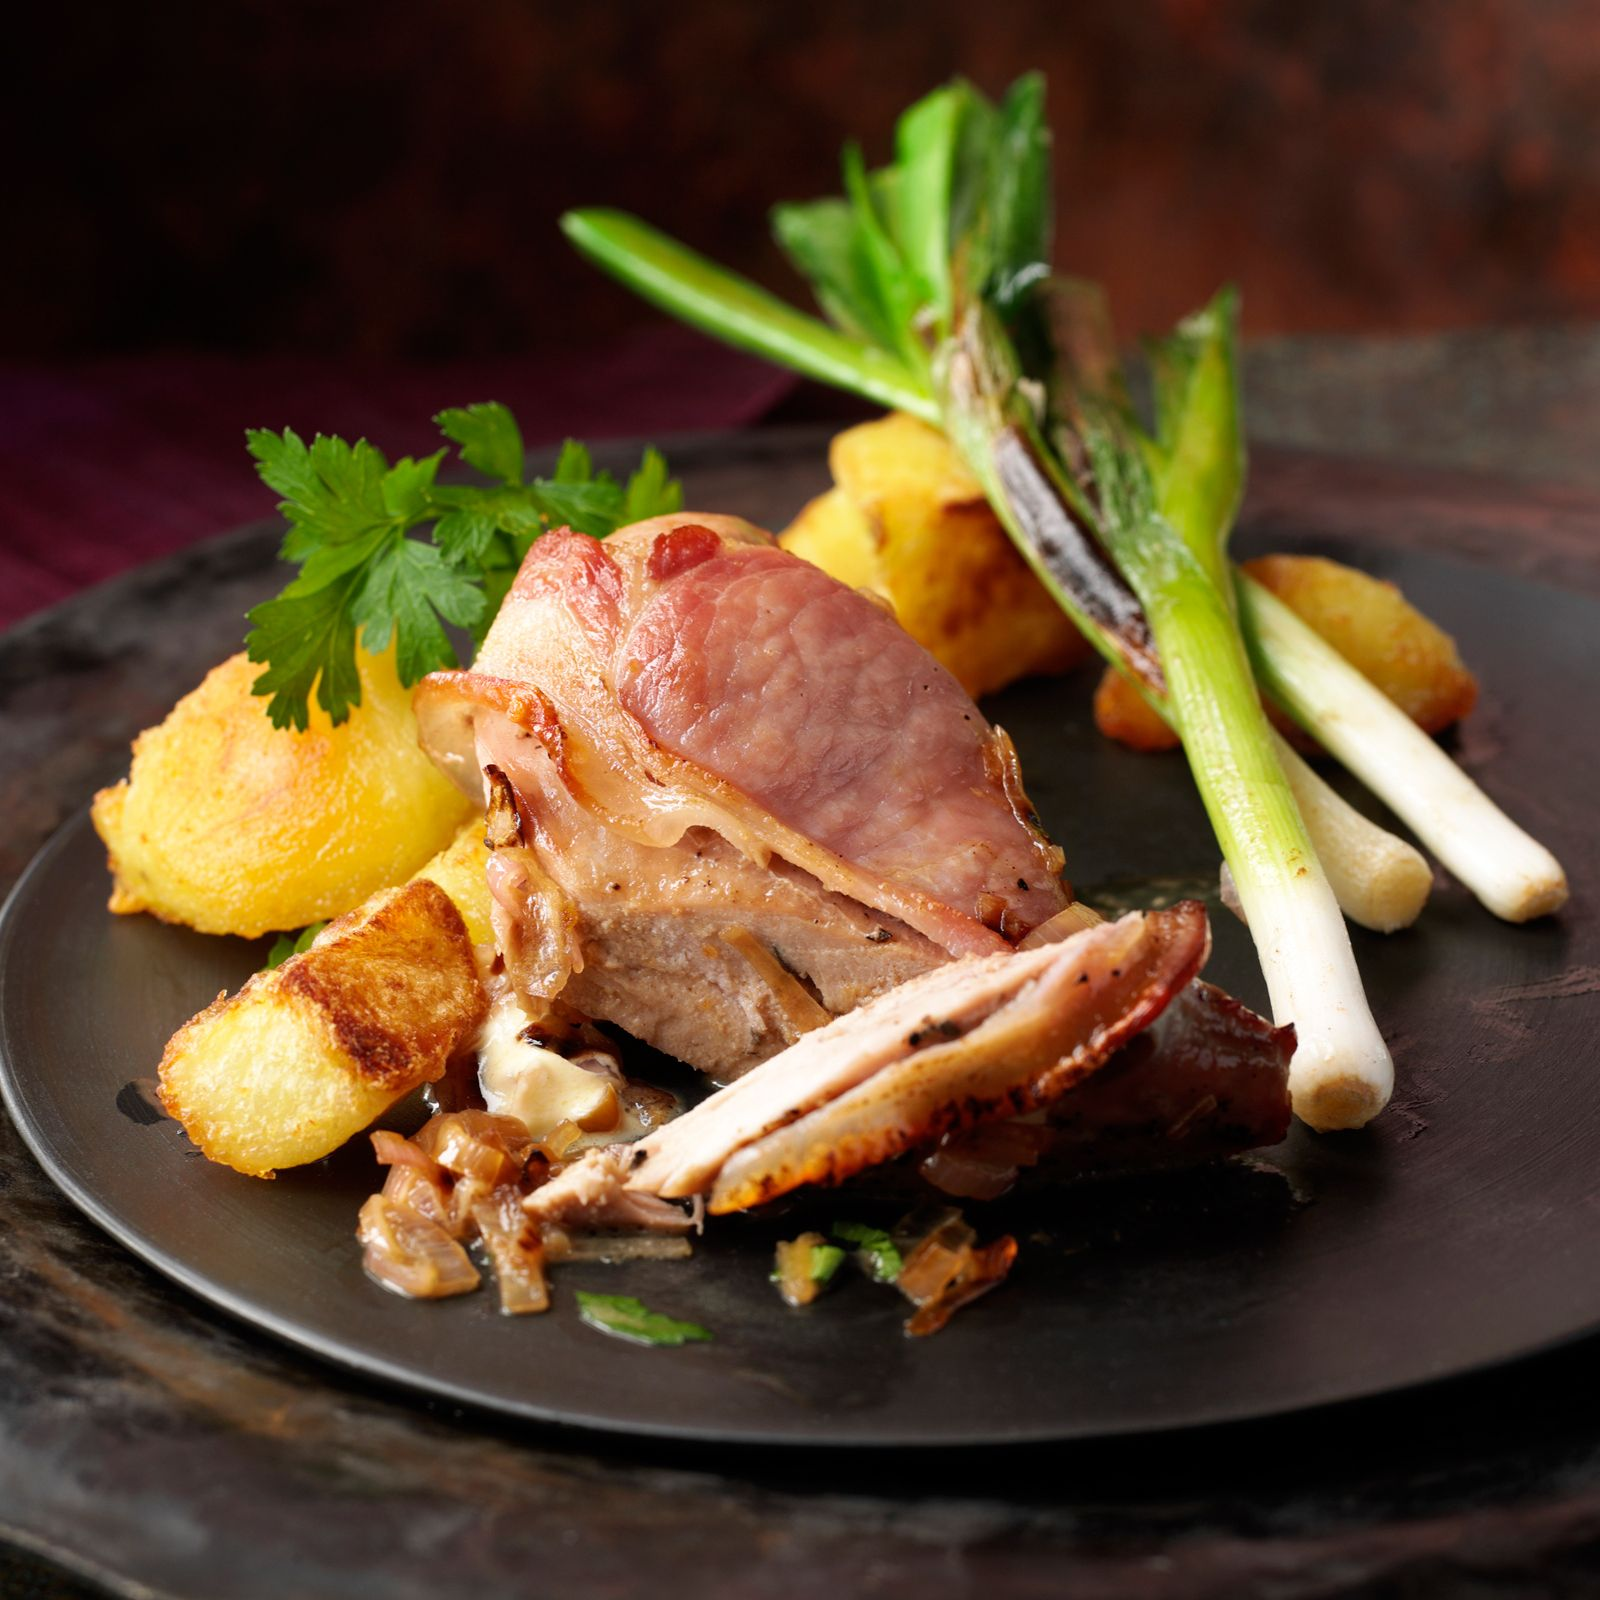 poitrine de faisan au bacon et au cidre recette bacon gibier et les recettes. Black Bedroom Furniture Sets. Home Design Ideas